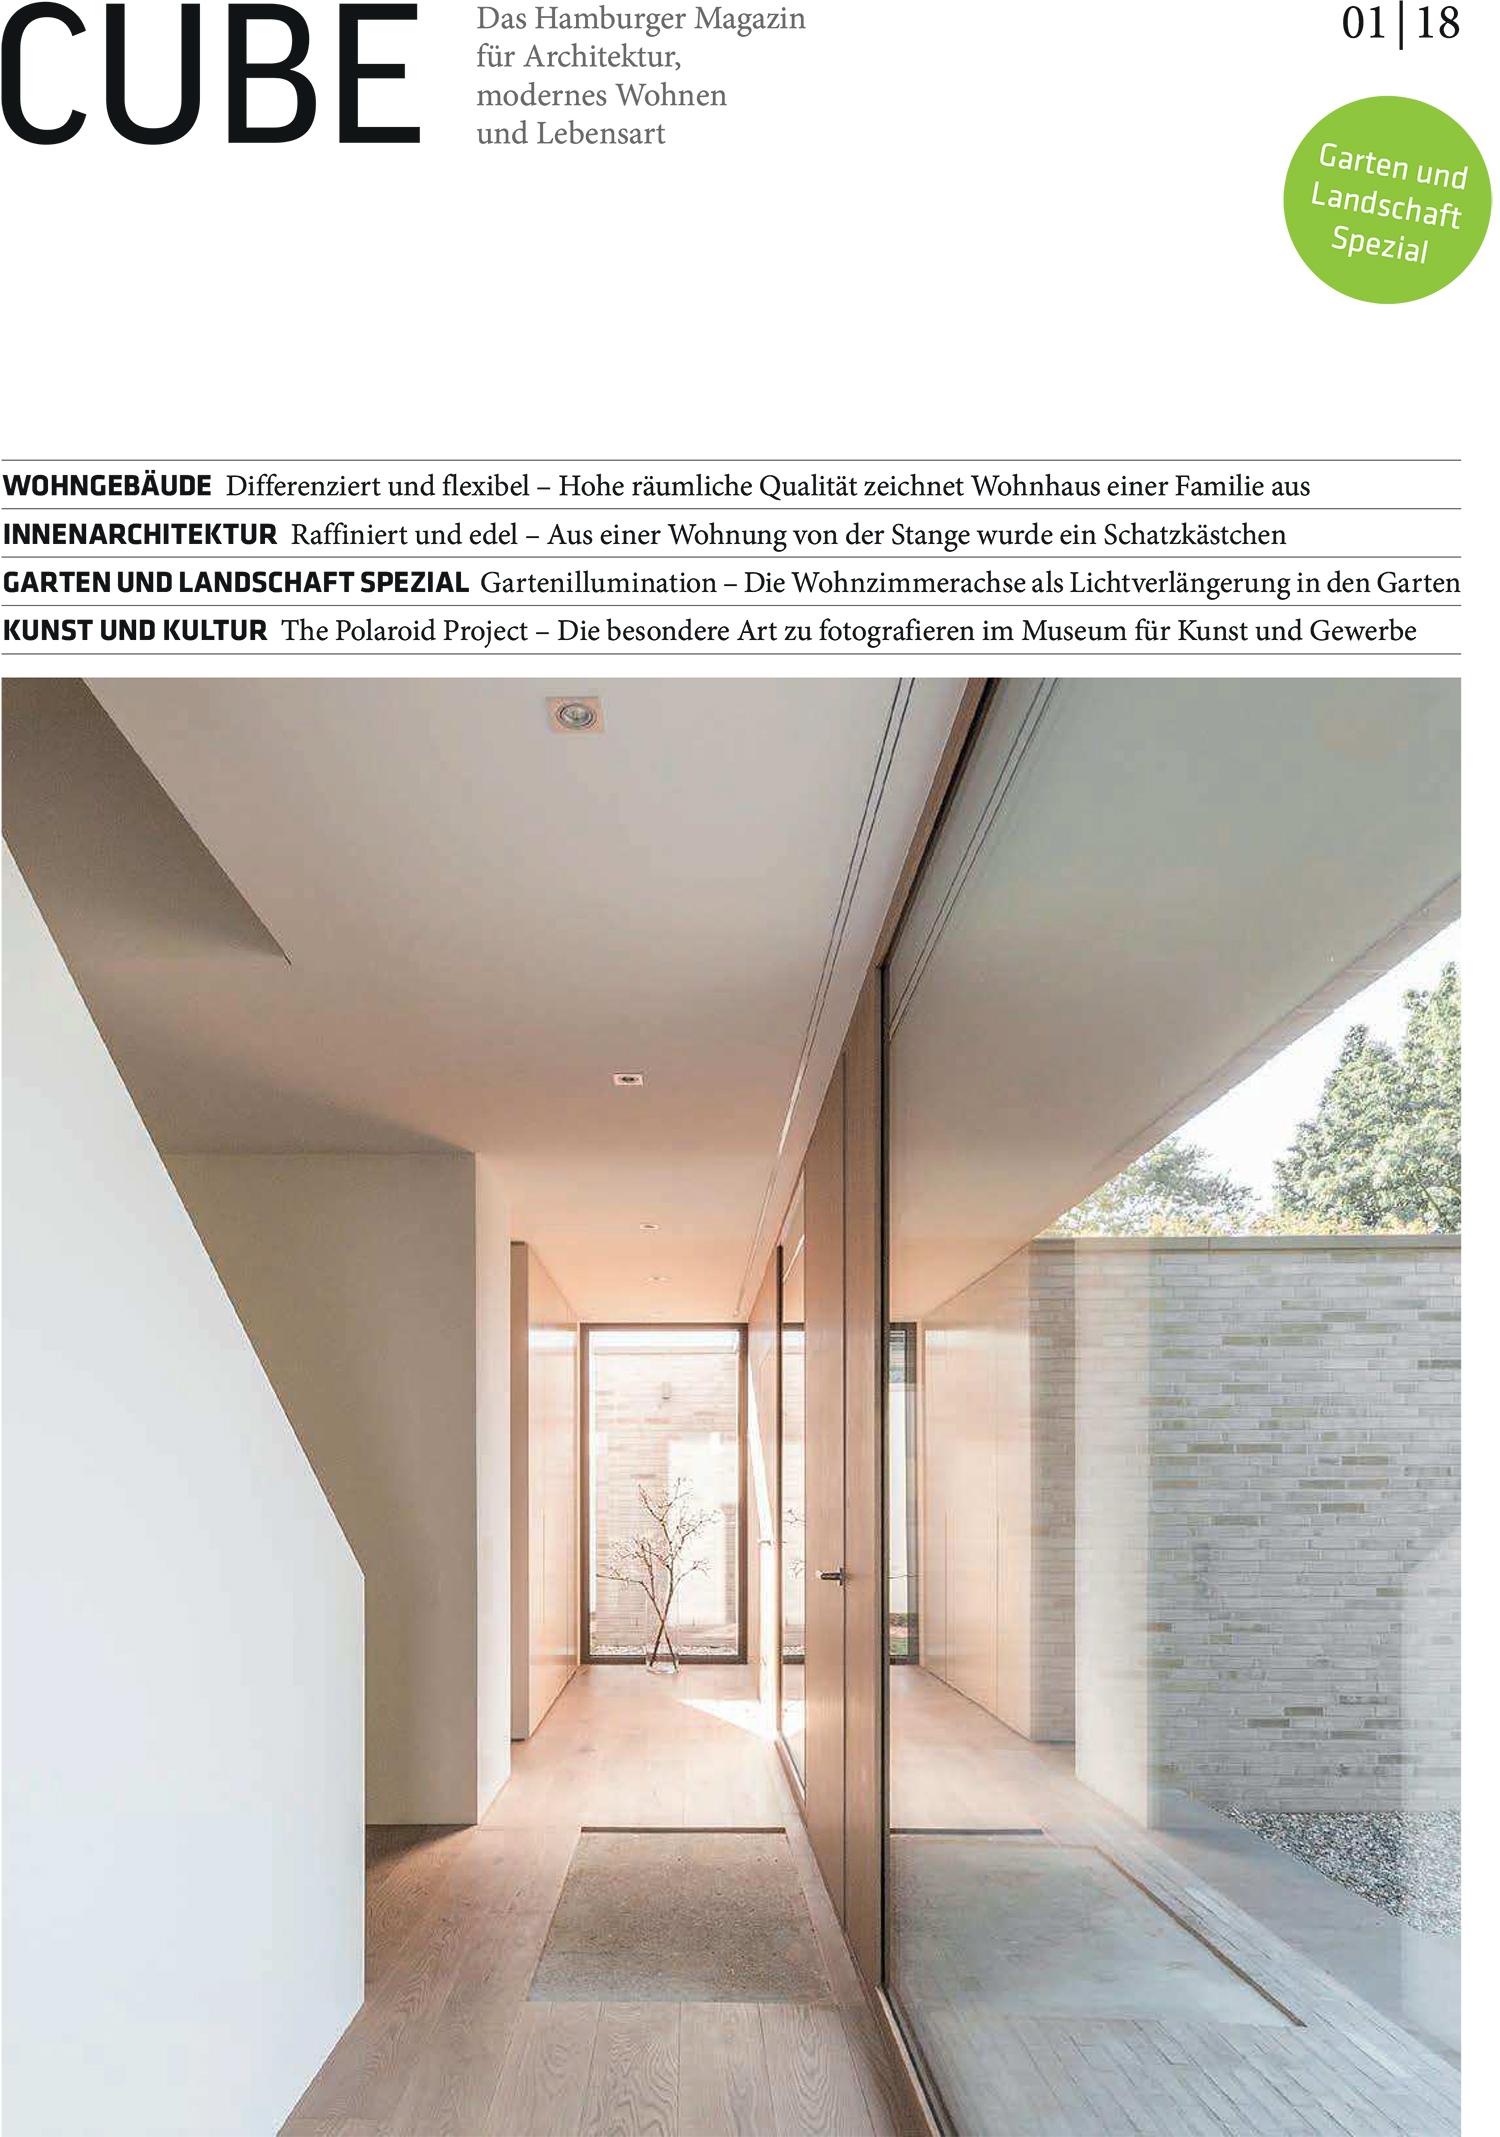 CUBE 1/2018 – RHWZ Architekten